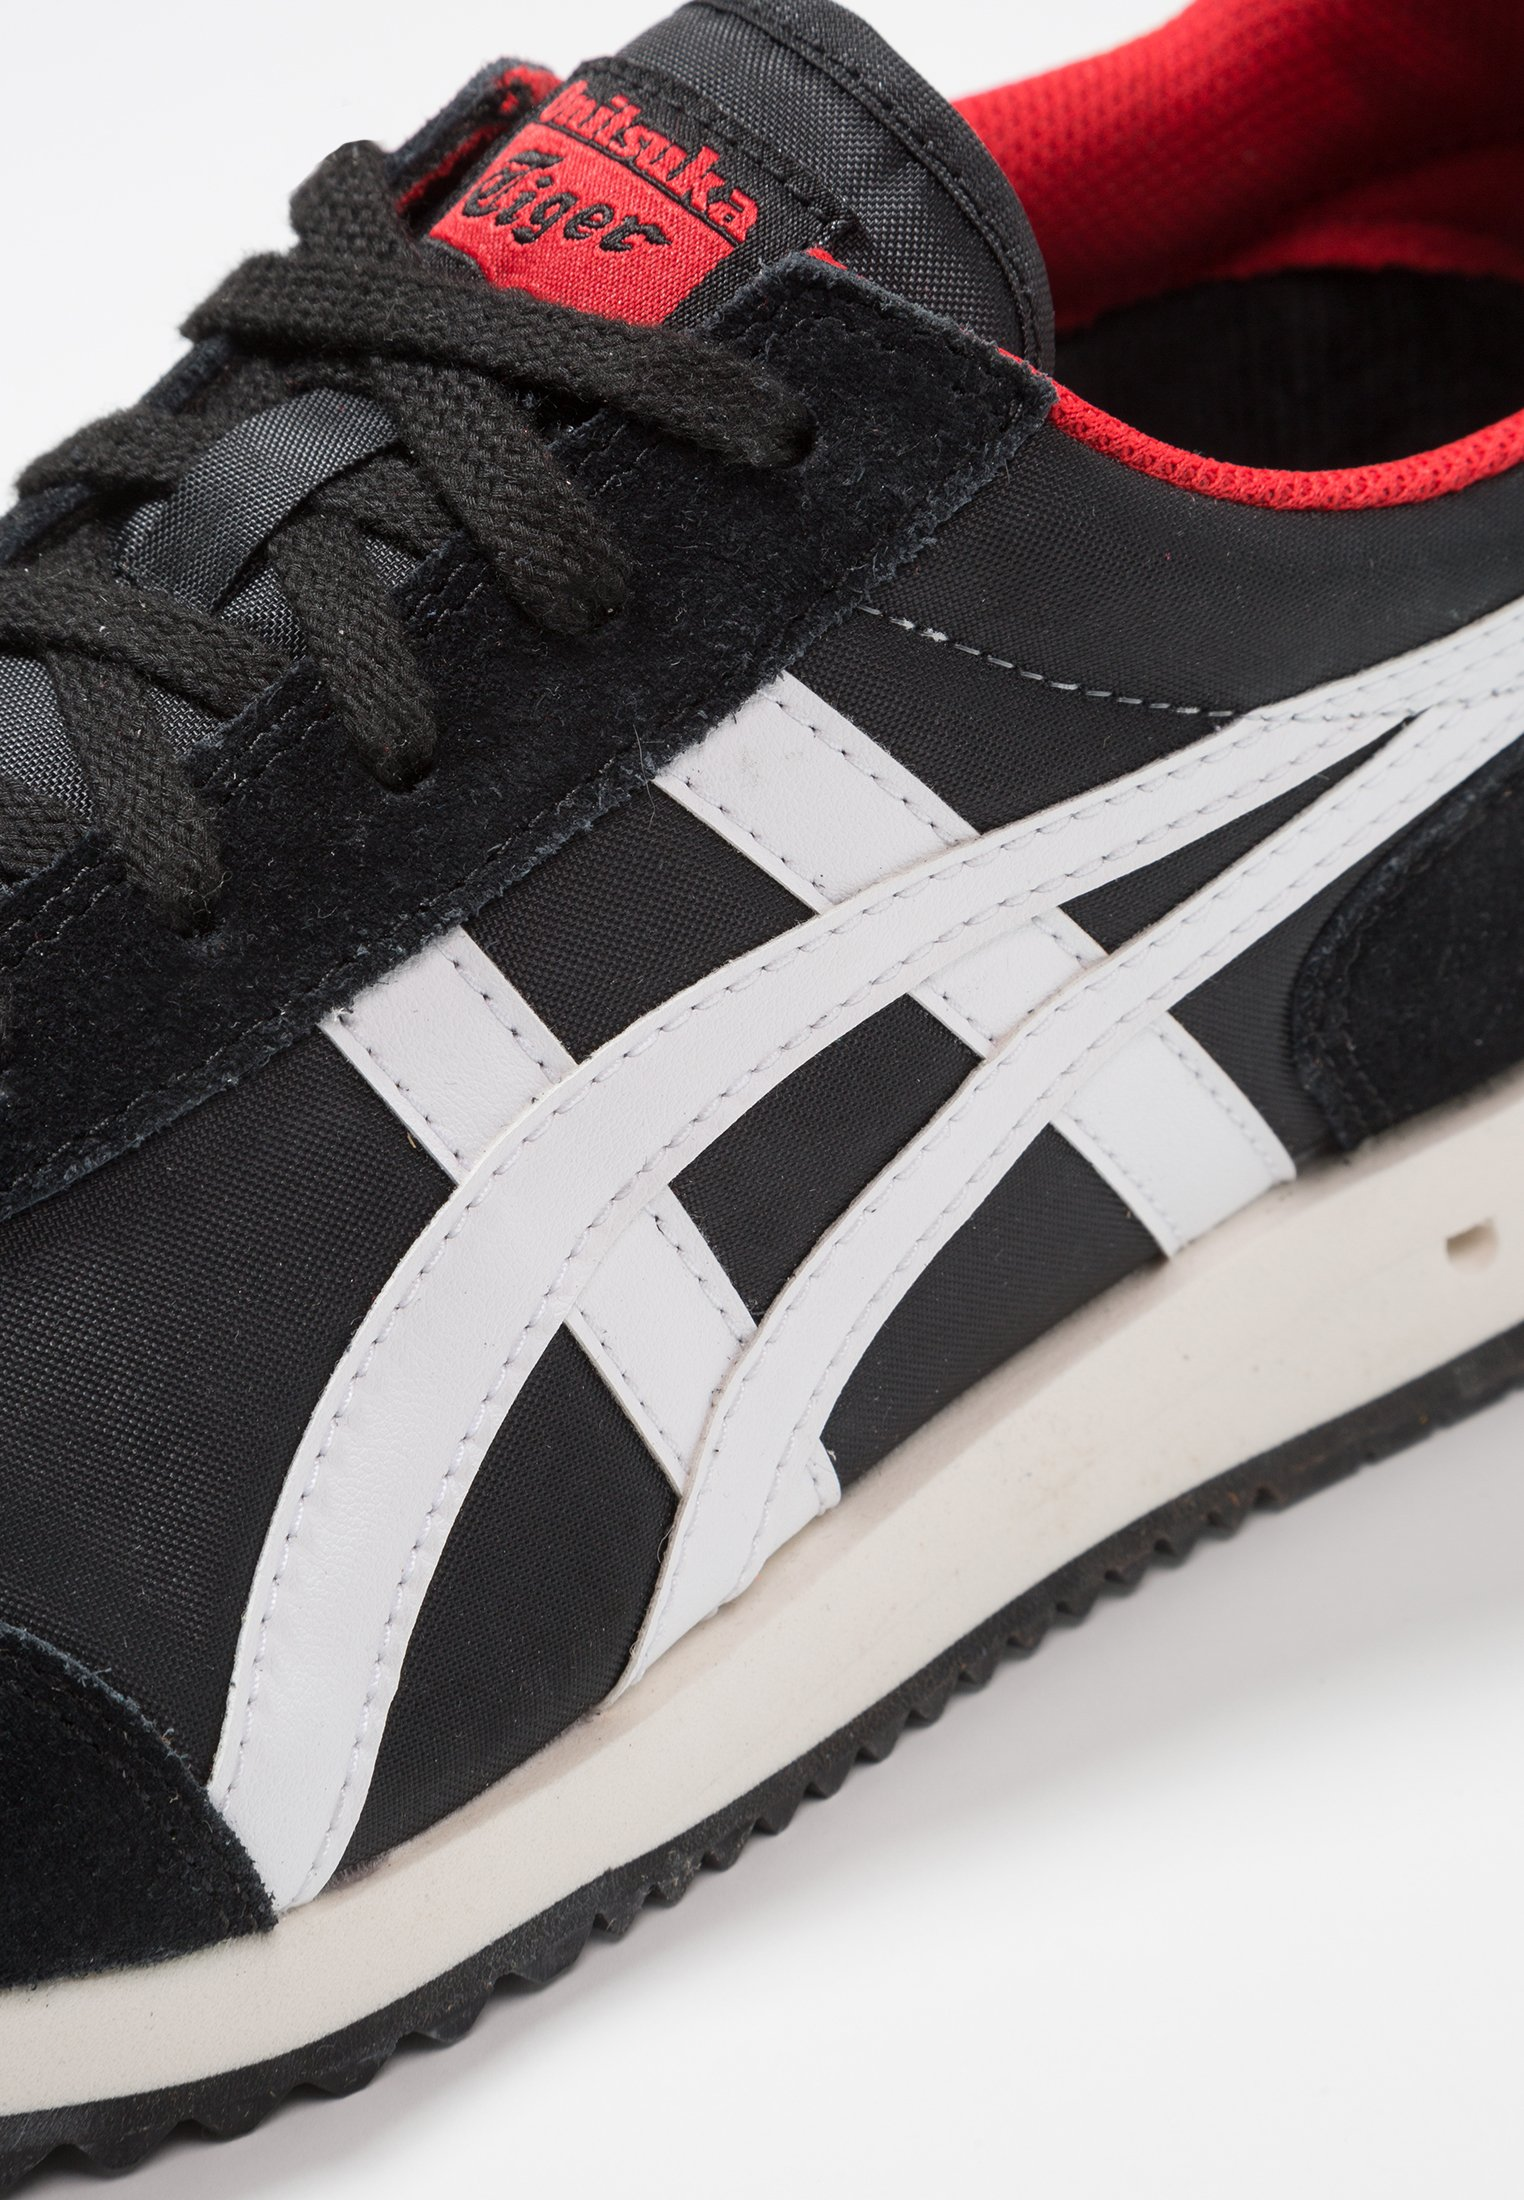 calzado tiger onitsuka new york zapatillas 2018